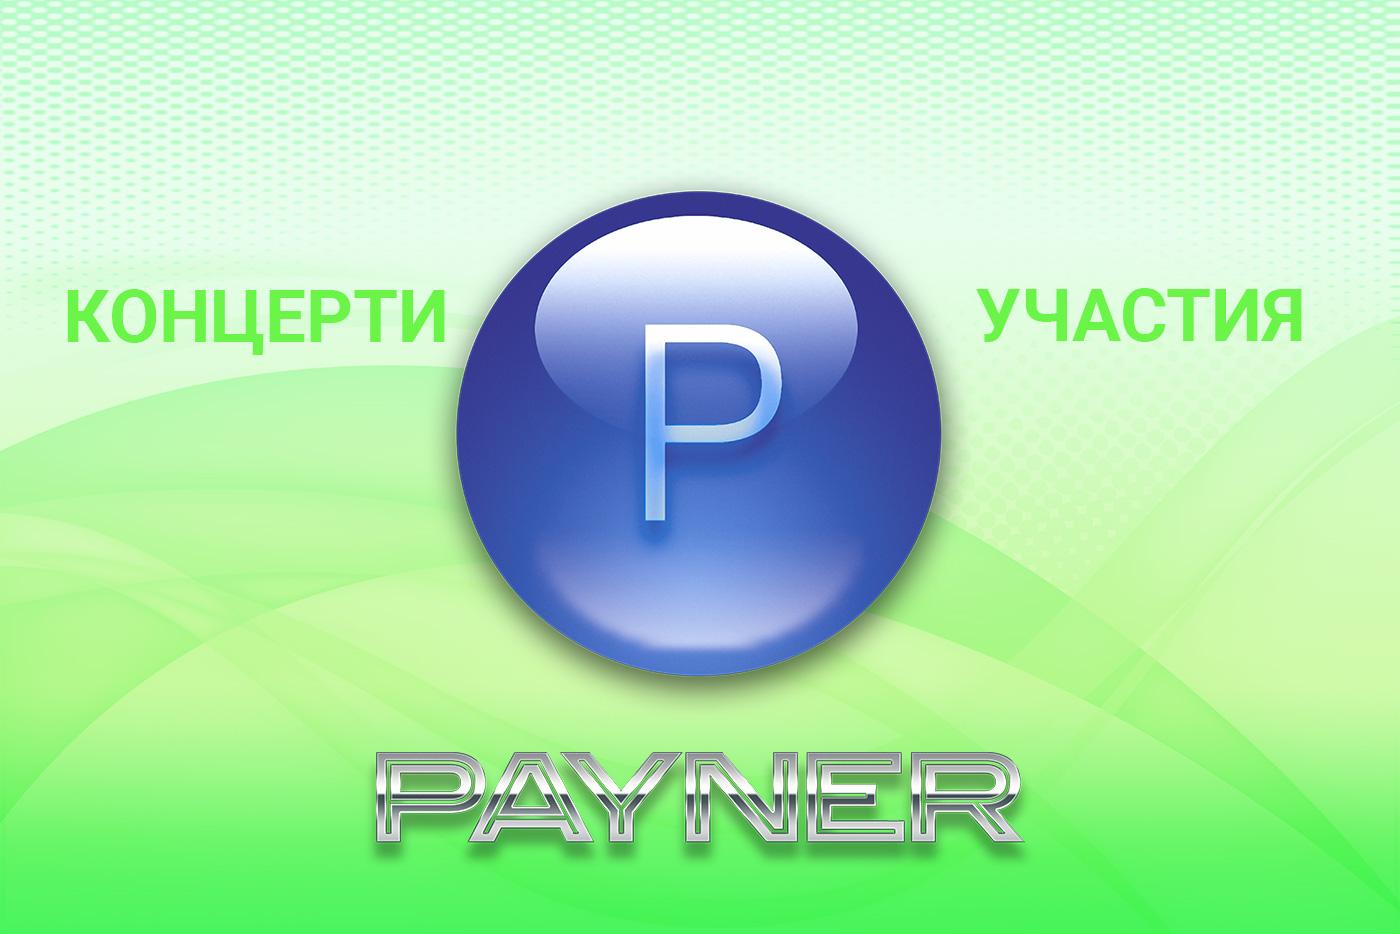 """Участия на звездите на """"Пайнер"""" на 19.12.2019"""